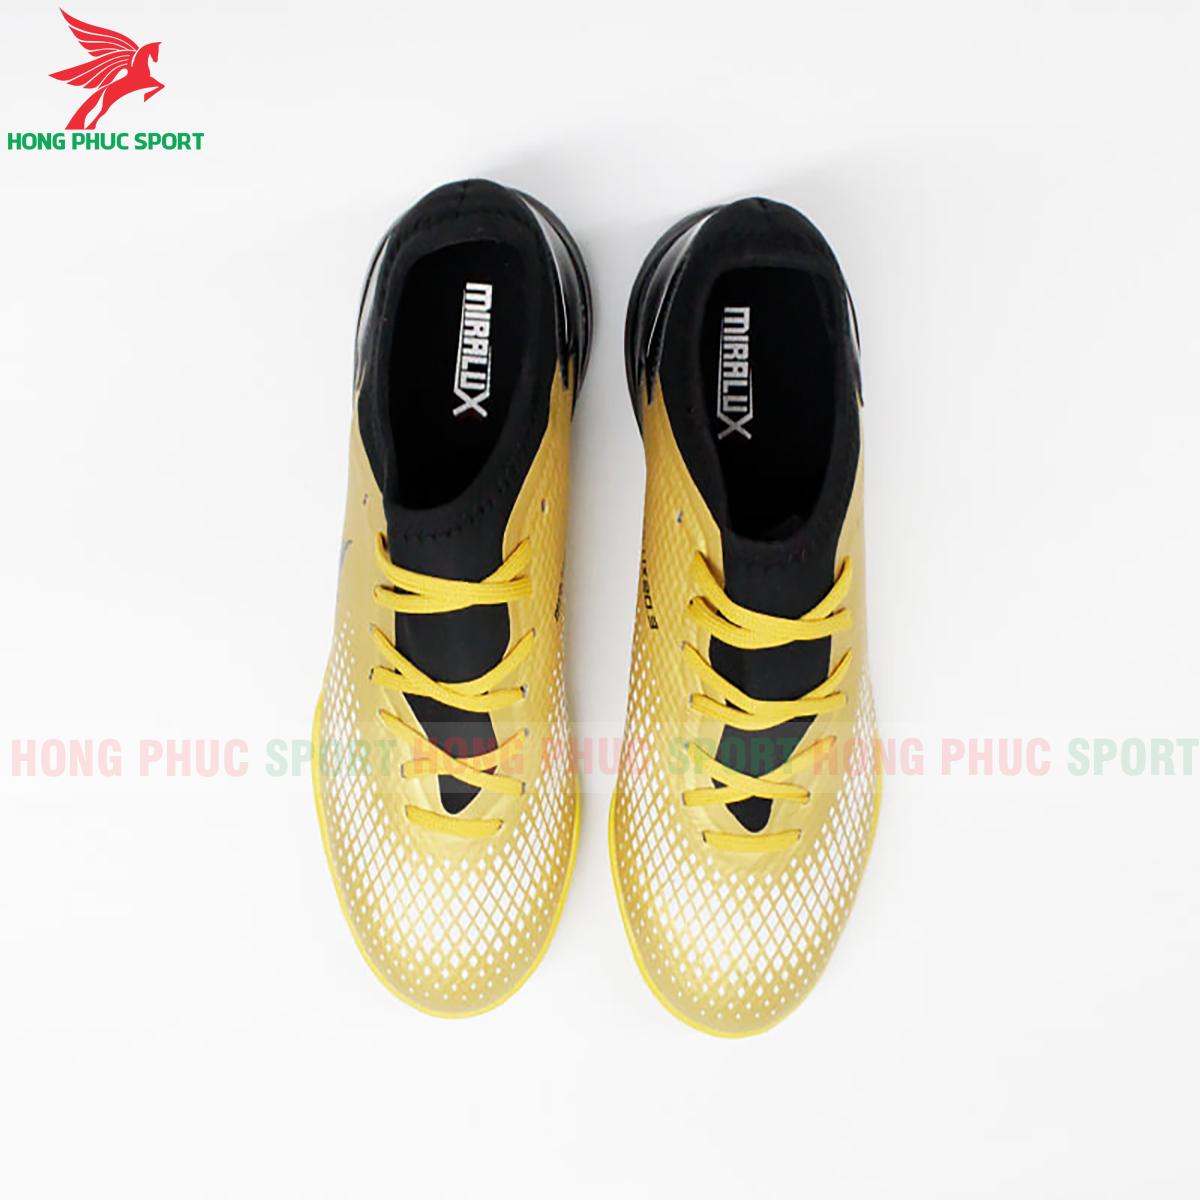 Giày Mira Lux 20.3 sân cỏ nhân tạo vàng phối đen (trước)